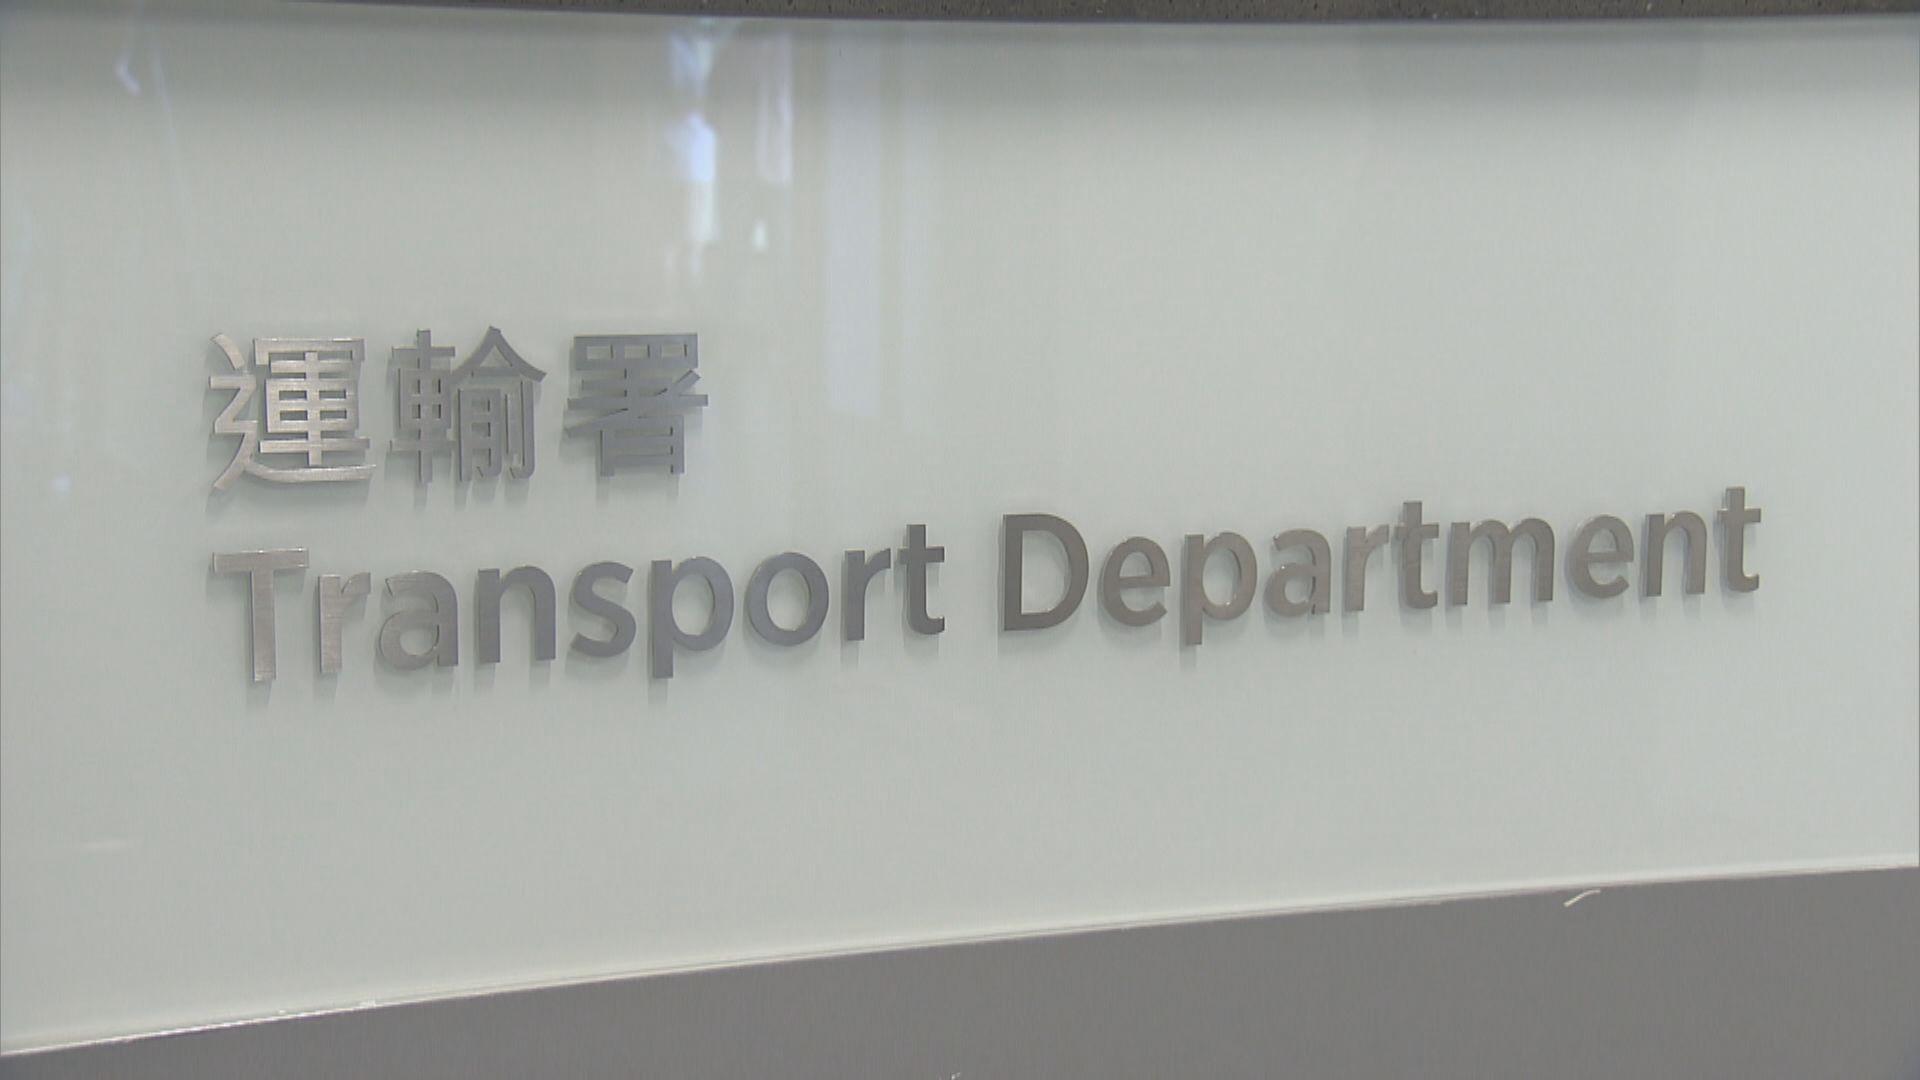 運輸署:收到多間巴士公司調整班次申請